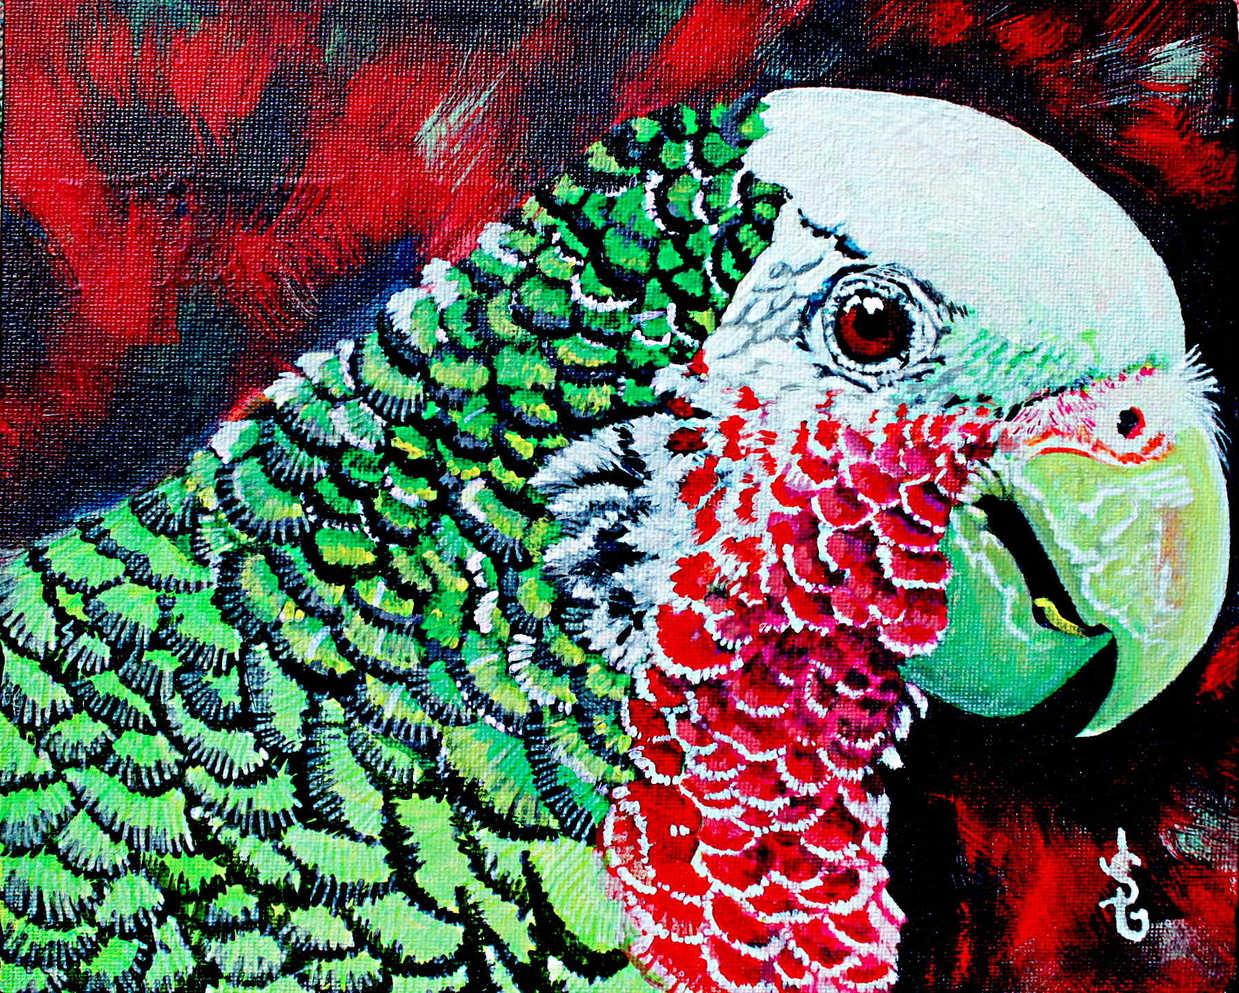 Le perroquet : 45$